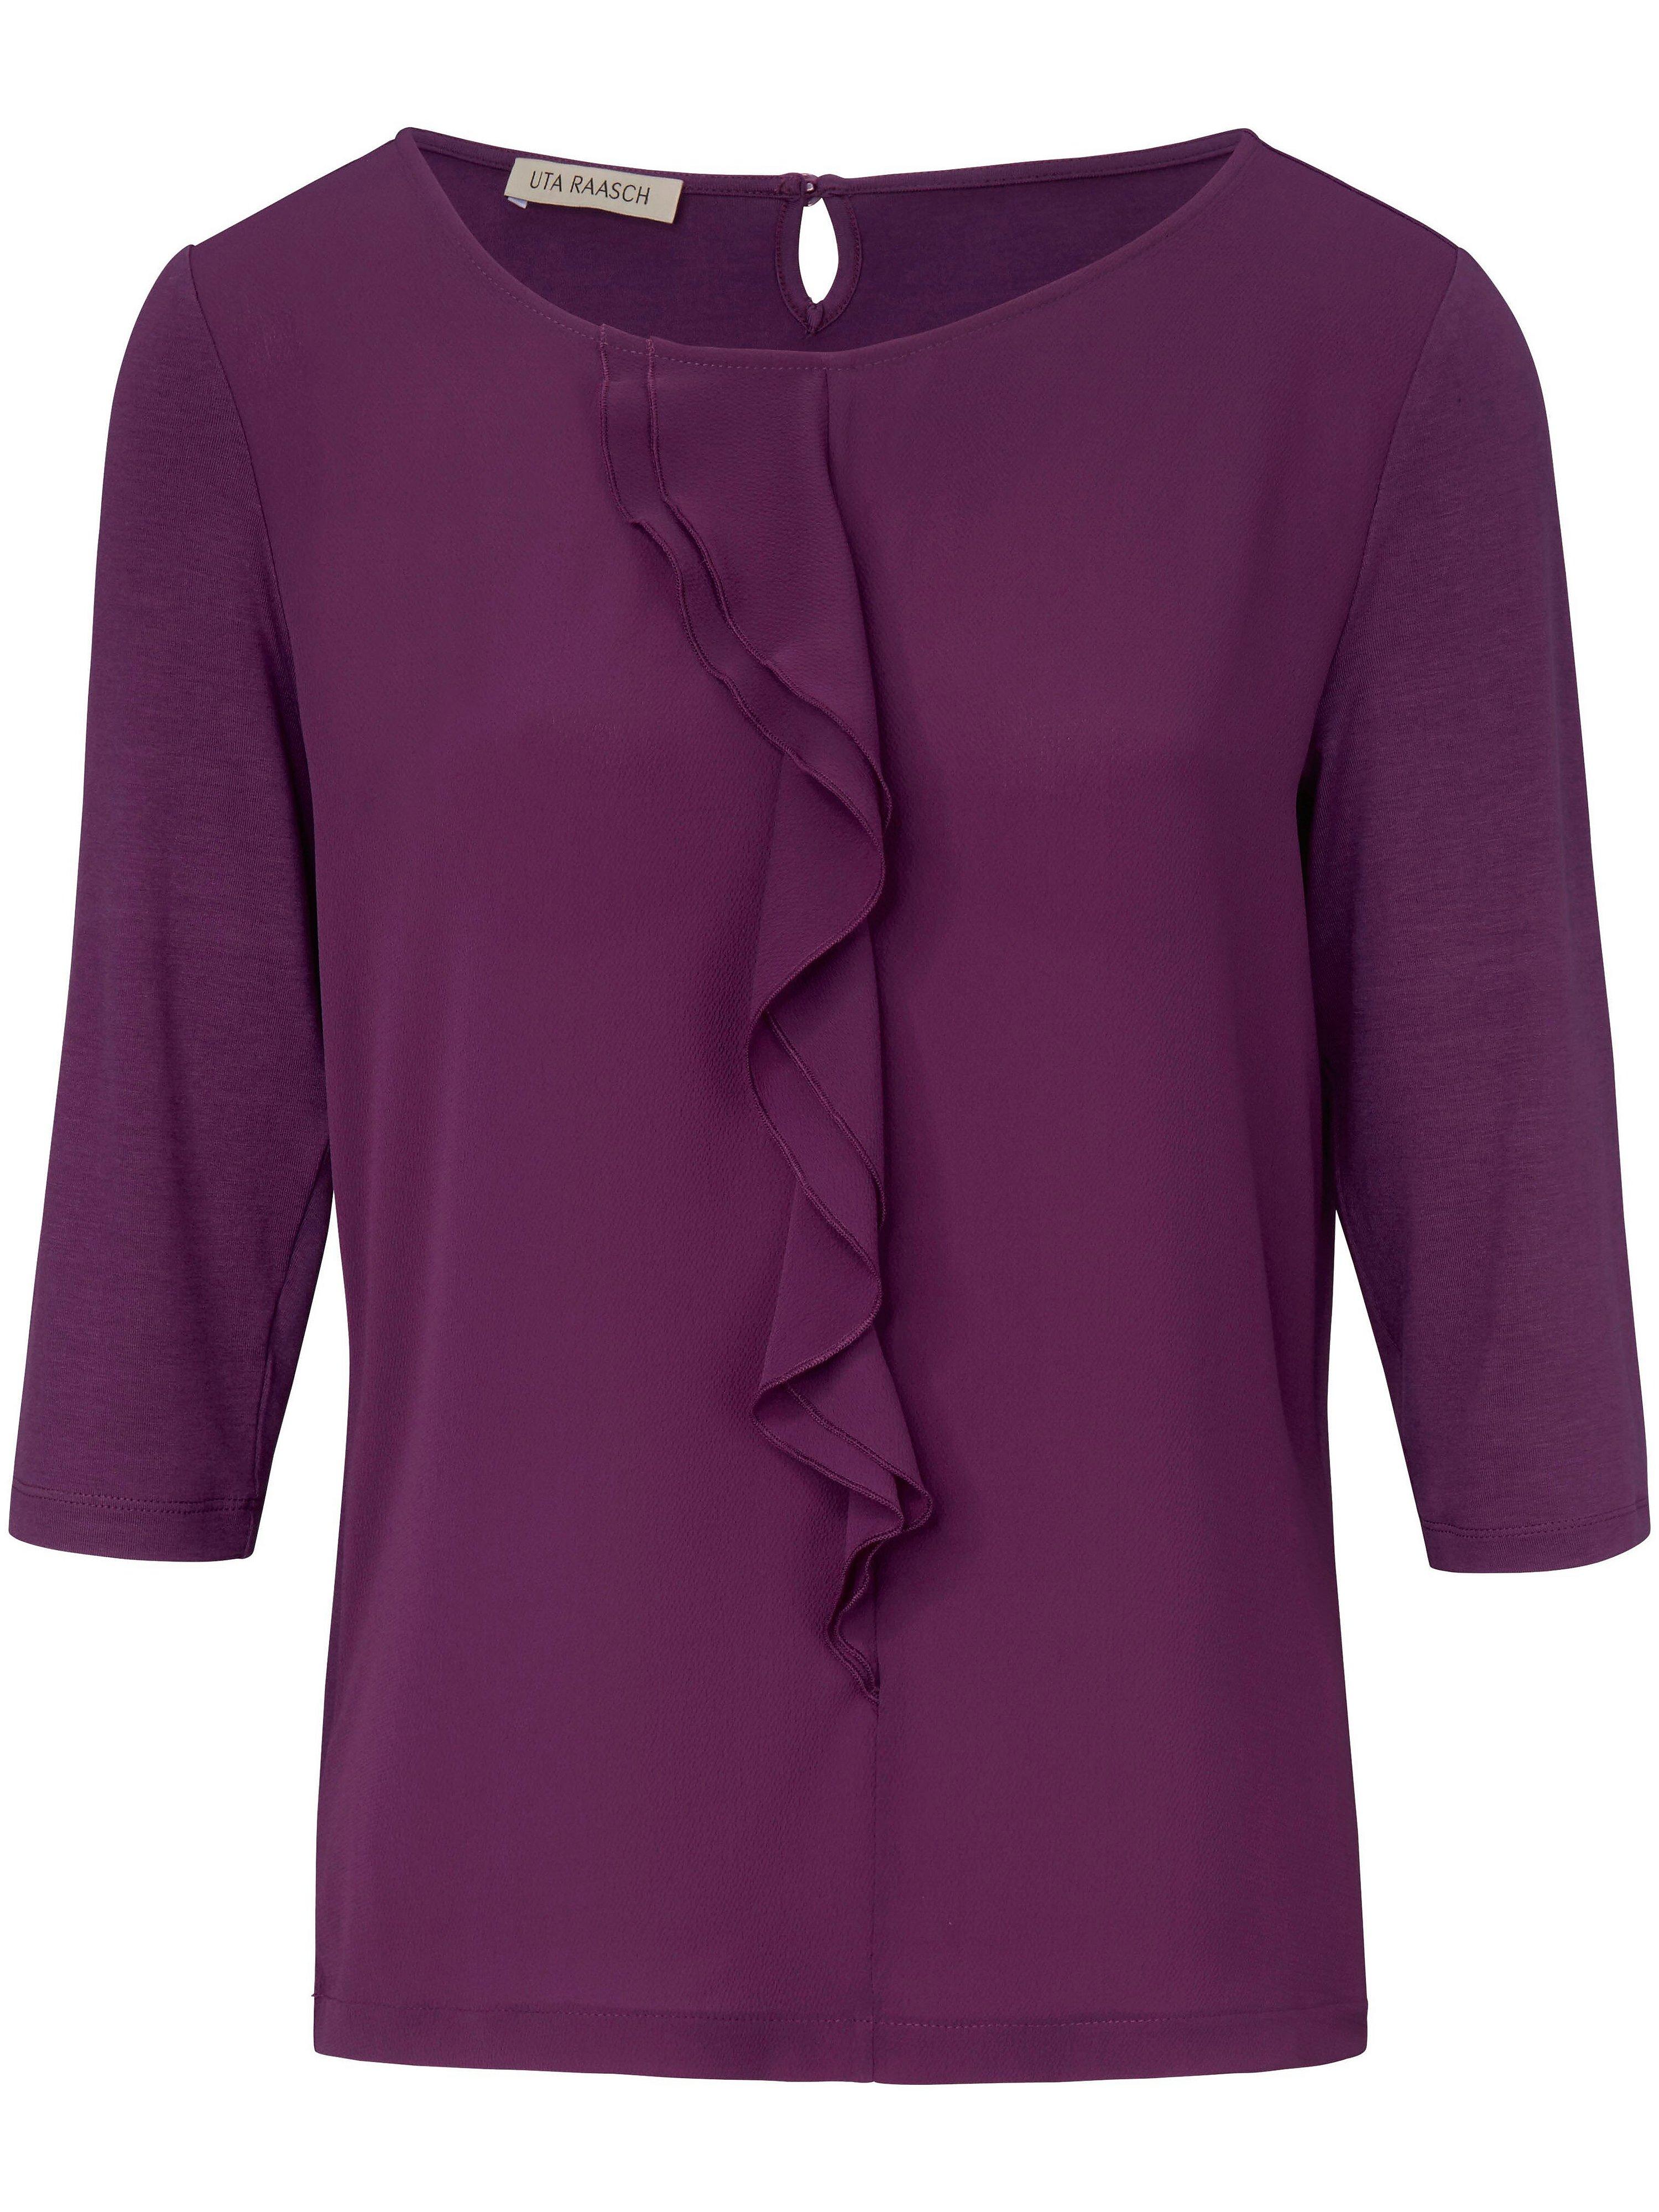 Shirt met 3/4-mouwen Van Uta Raasch paars